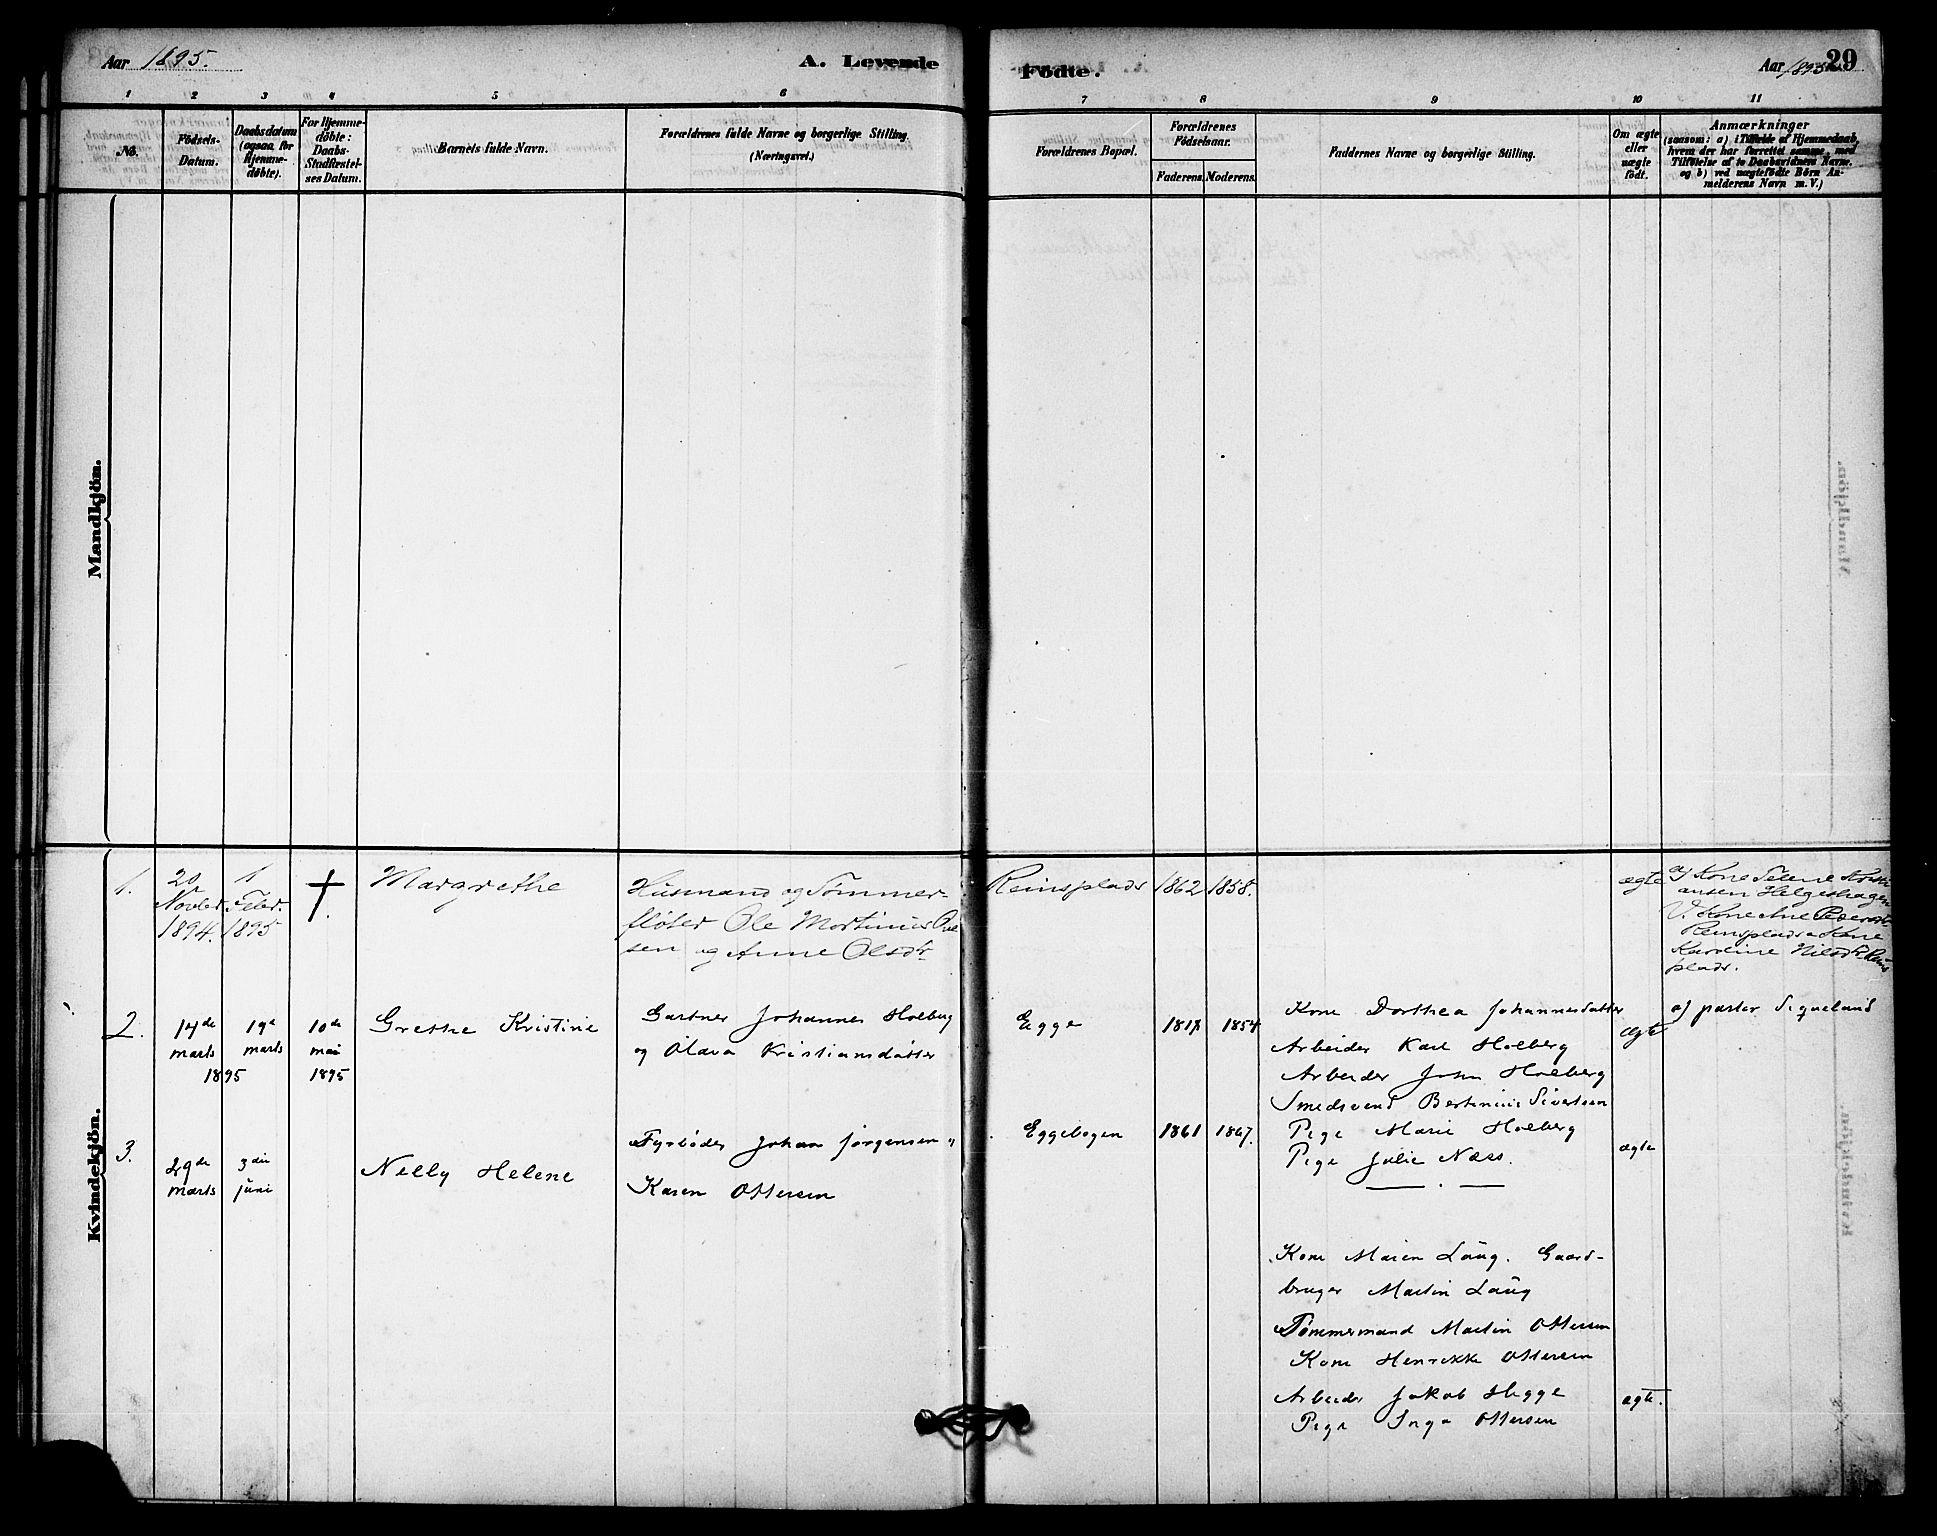 SAT, Ministerialprotokoller, klokkerbøker og fødselsregistre - Nord-Trøndelag, 740/L0378: Ministerialbok nr. 740A01, 1881-1895, s. 29